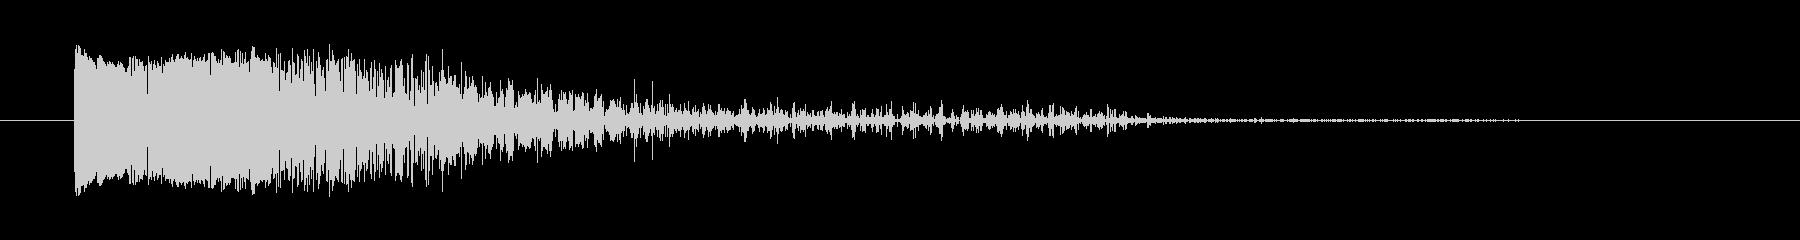 メタルヒット3の未再生の波形